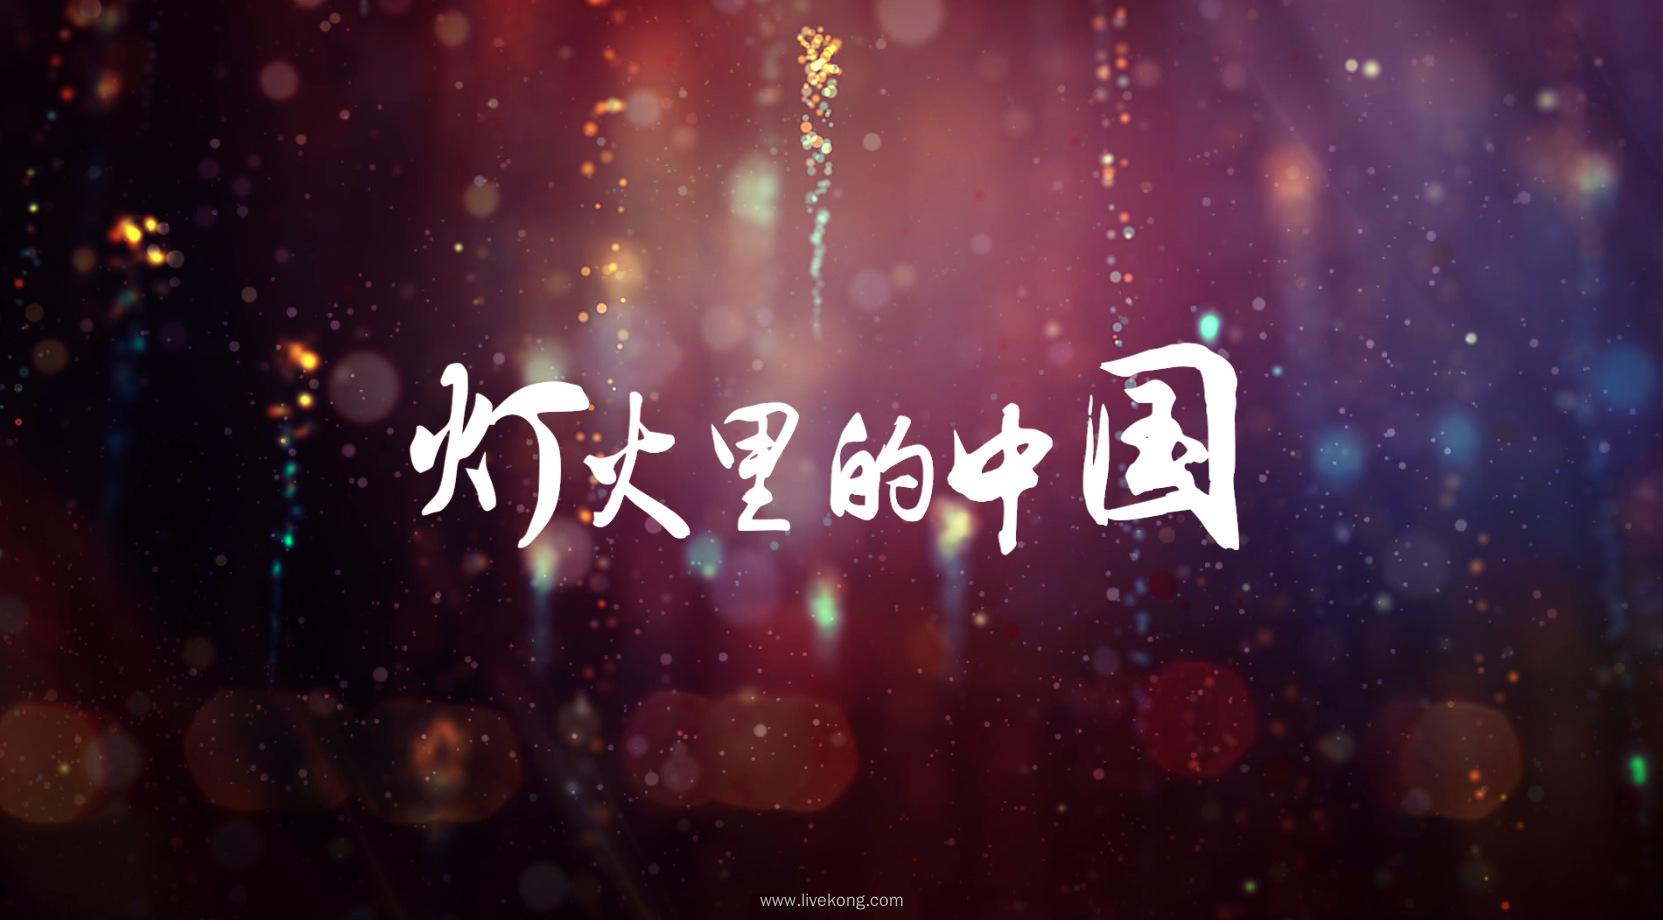 屏幕快照 2021 03 08 下午8.17.30 - 灯火里的中国led视频背景素材